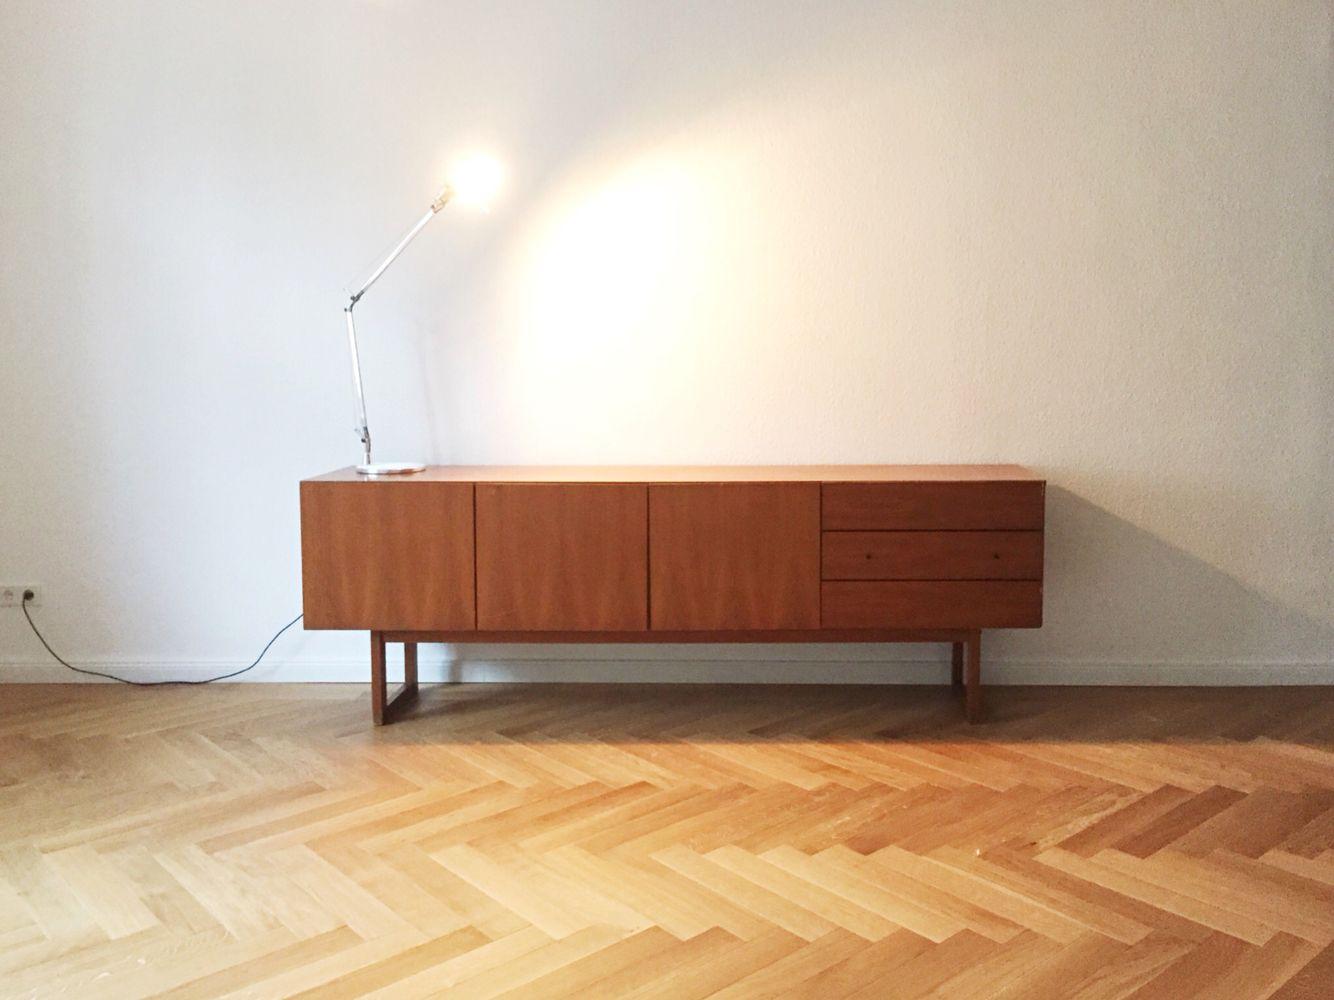 fischgr t parkett helle eiche ge lt mit umlaufender fase verklebt zum fenster liegend. Black Bedroom Furniture Sets. Home Design Ideas